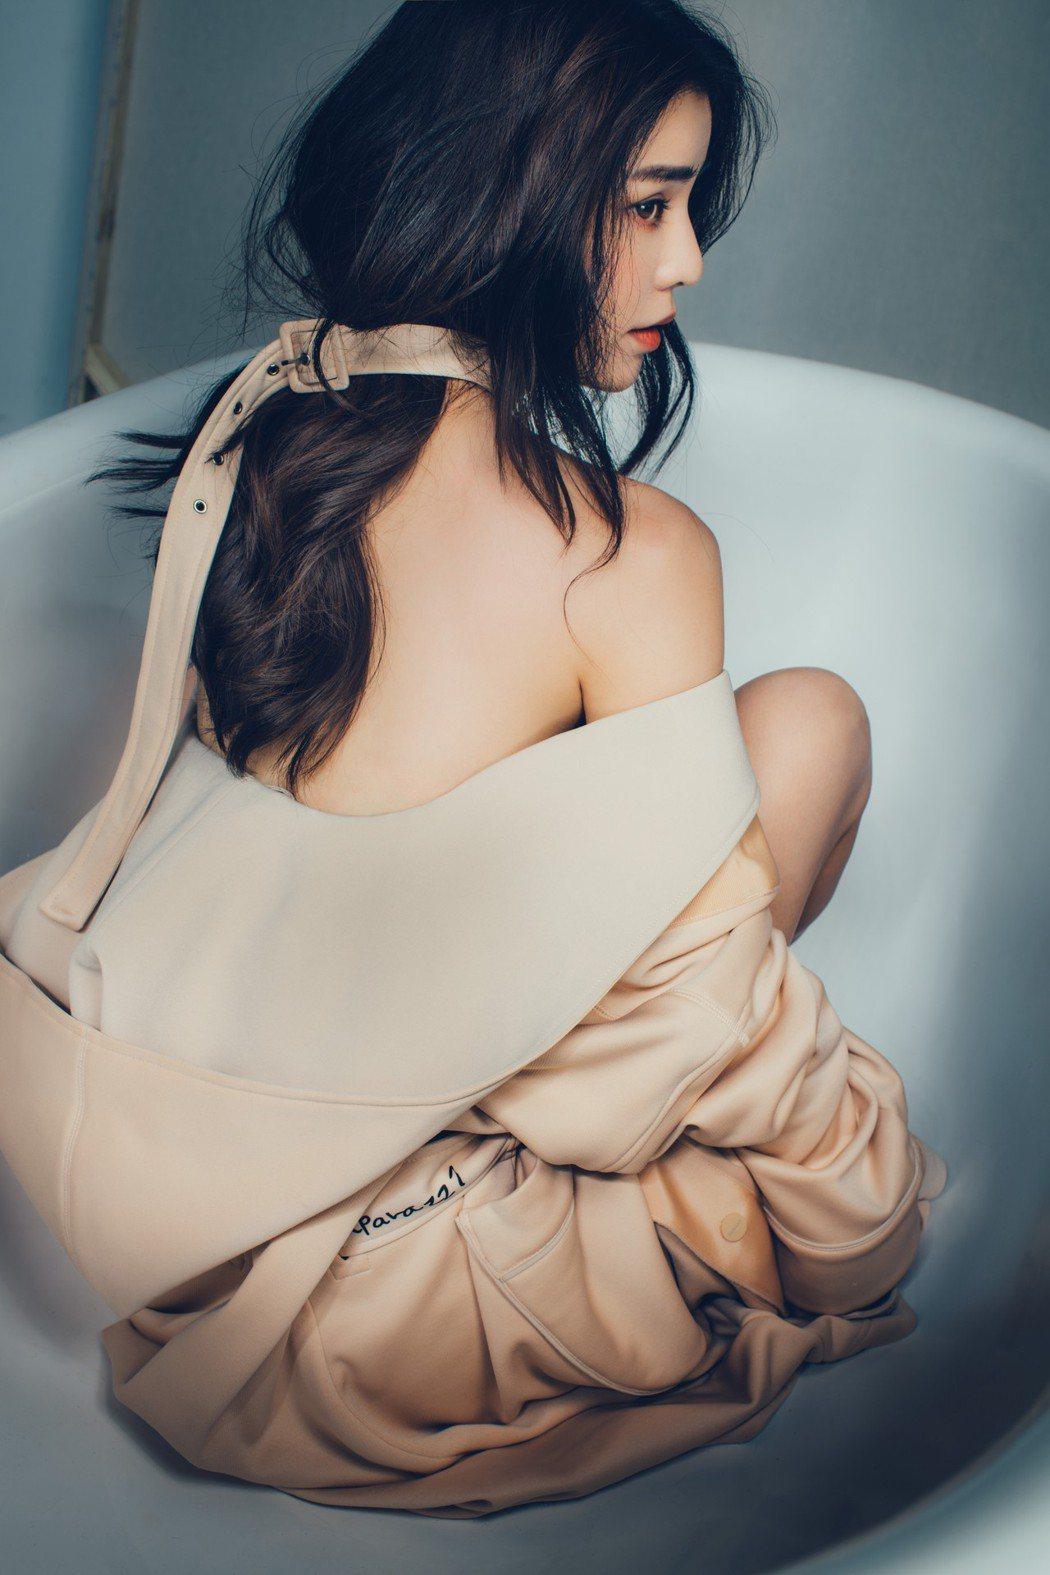 李毓芬穿著參與設計的浴袍,露出美背。圖/Seivson提供